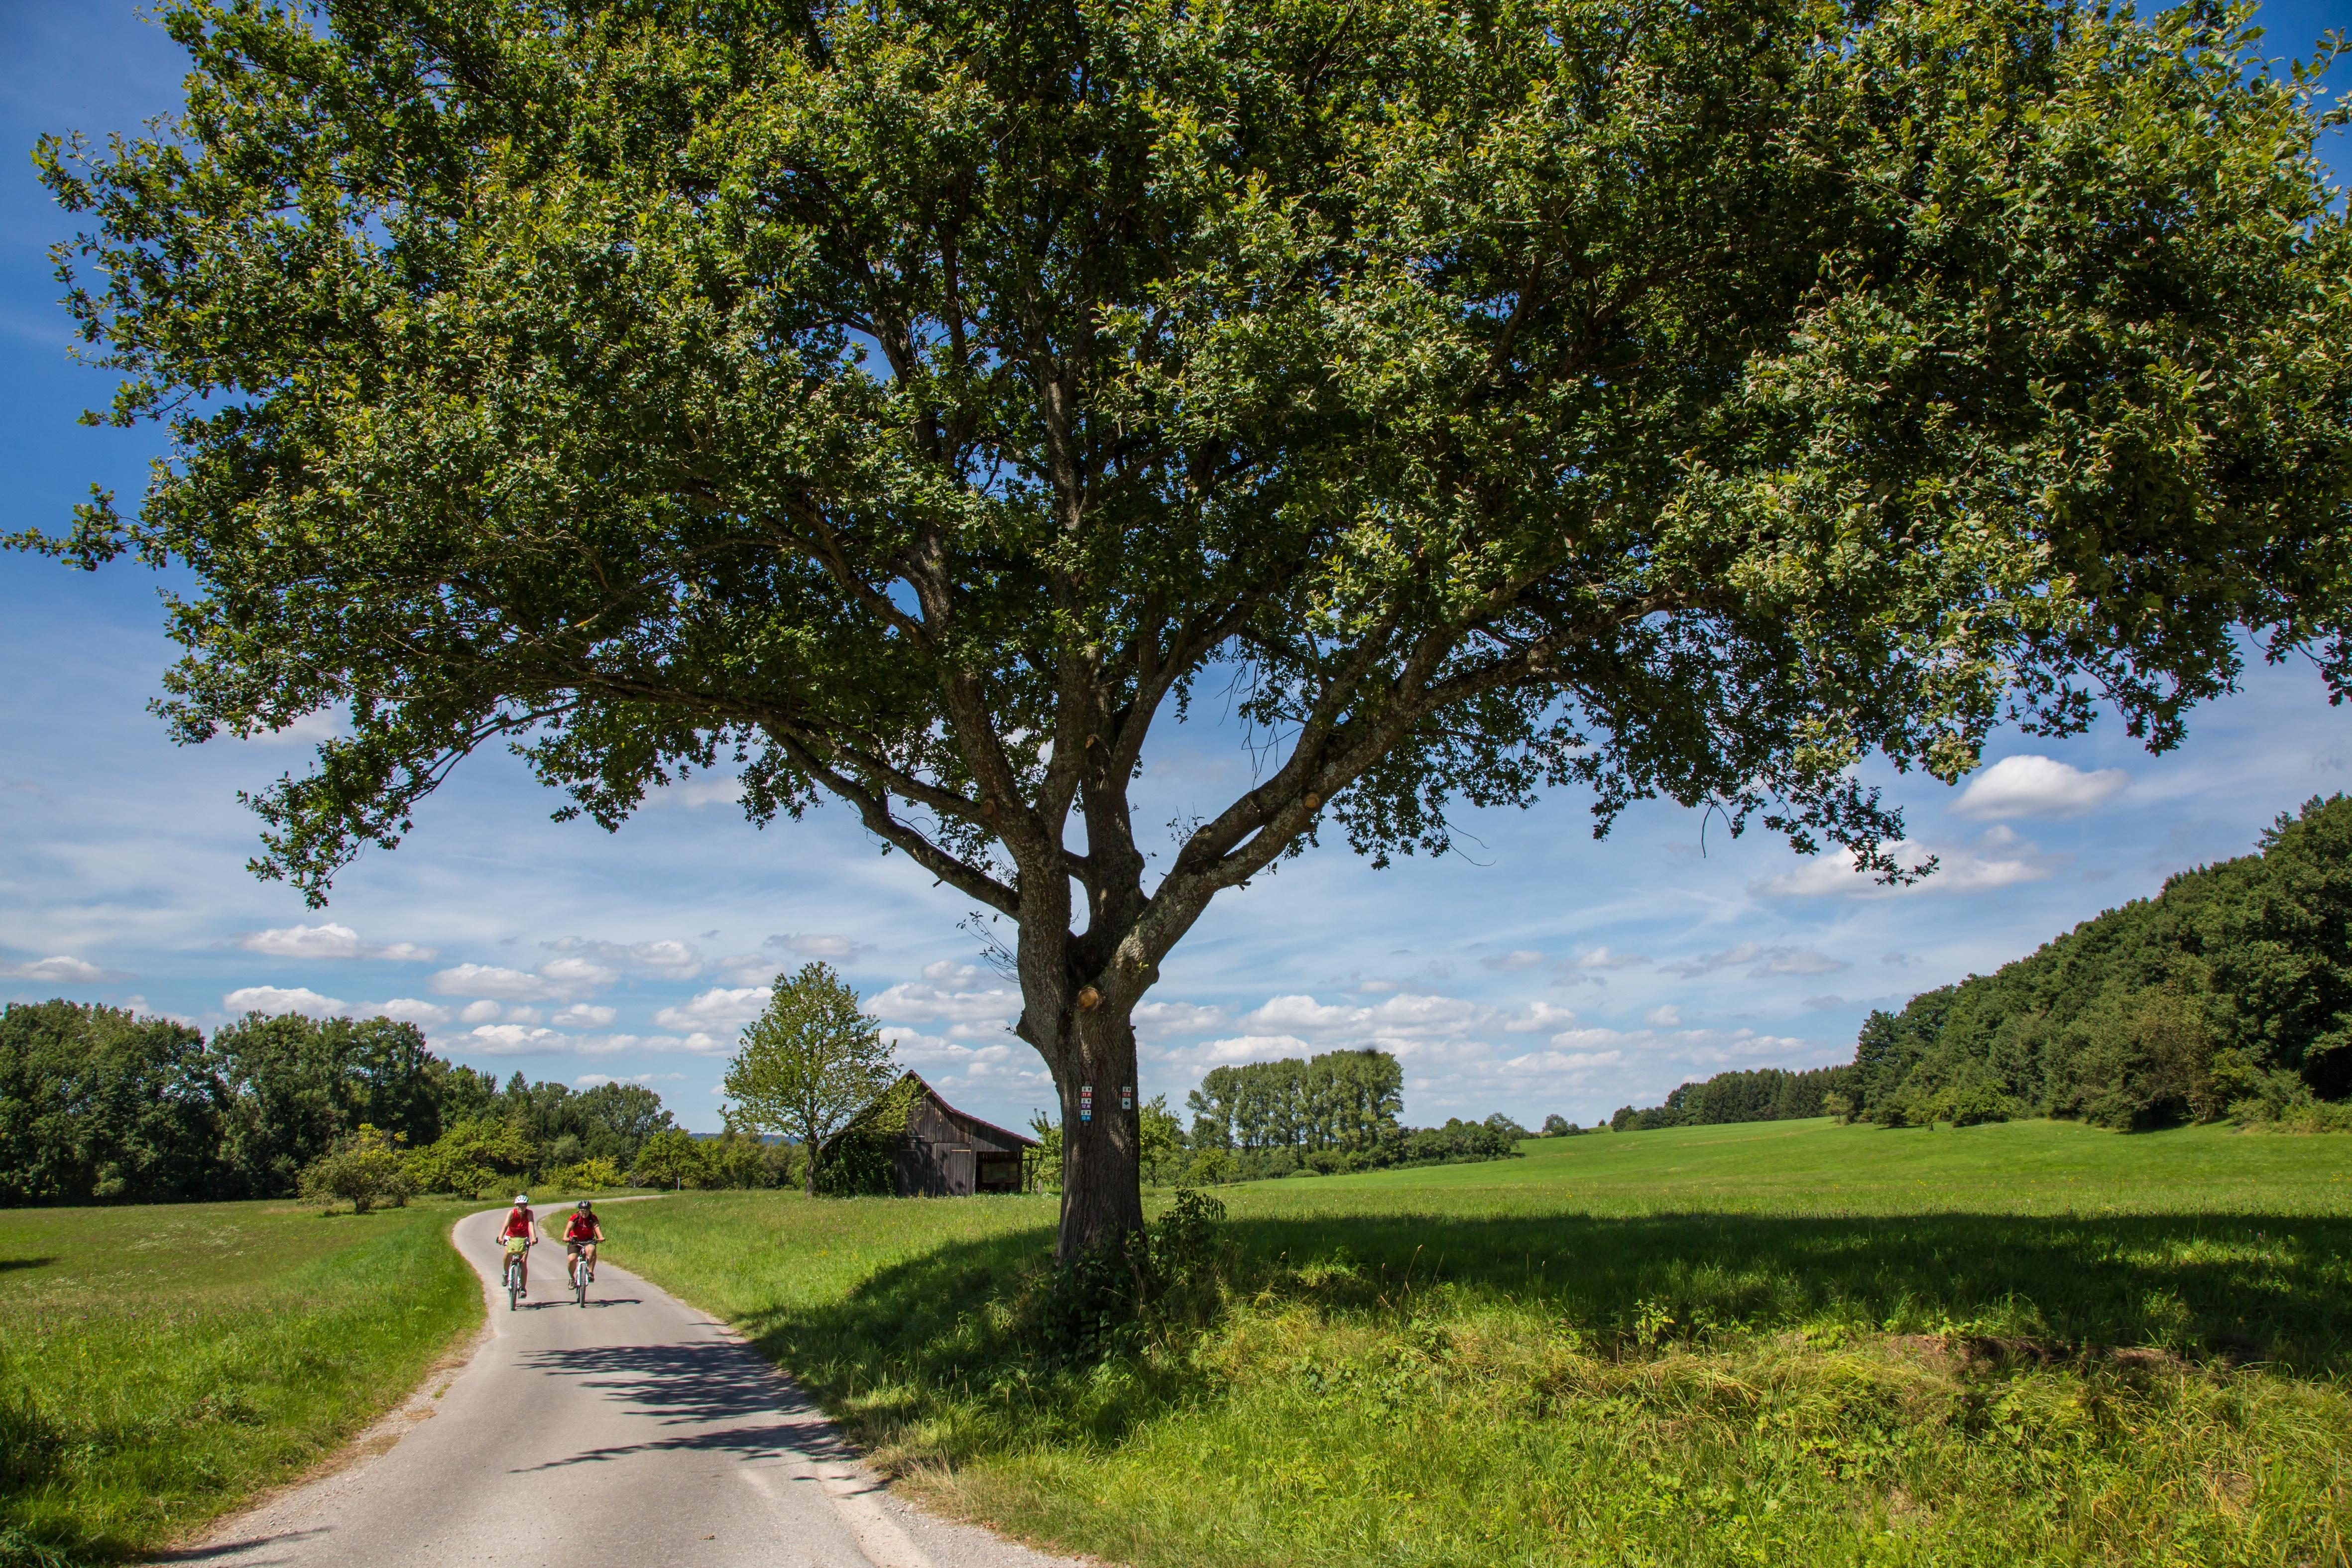 Radweg von Hechingen-Stetten nach Hechingen-Boll